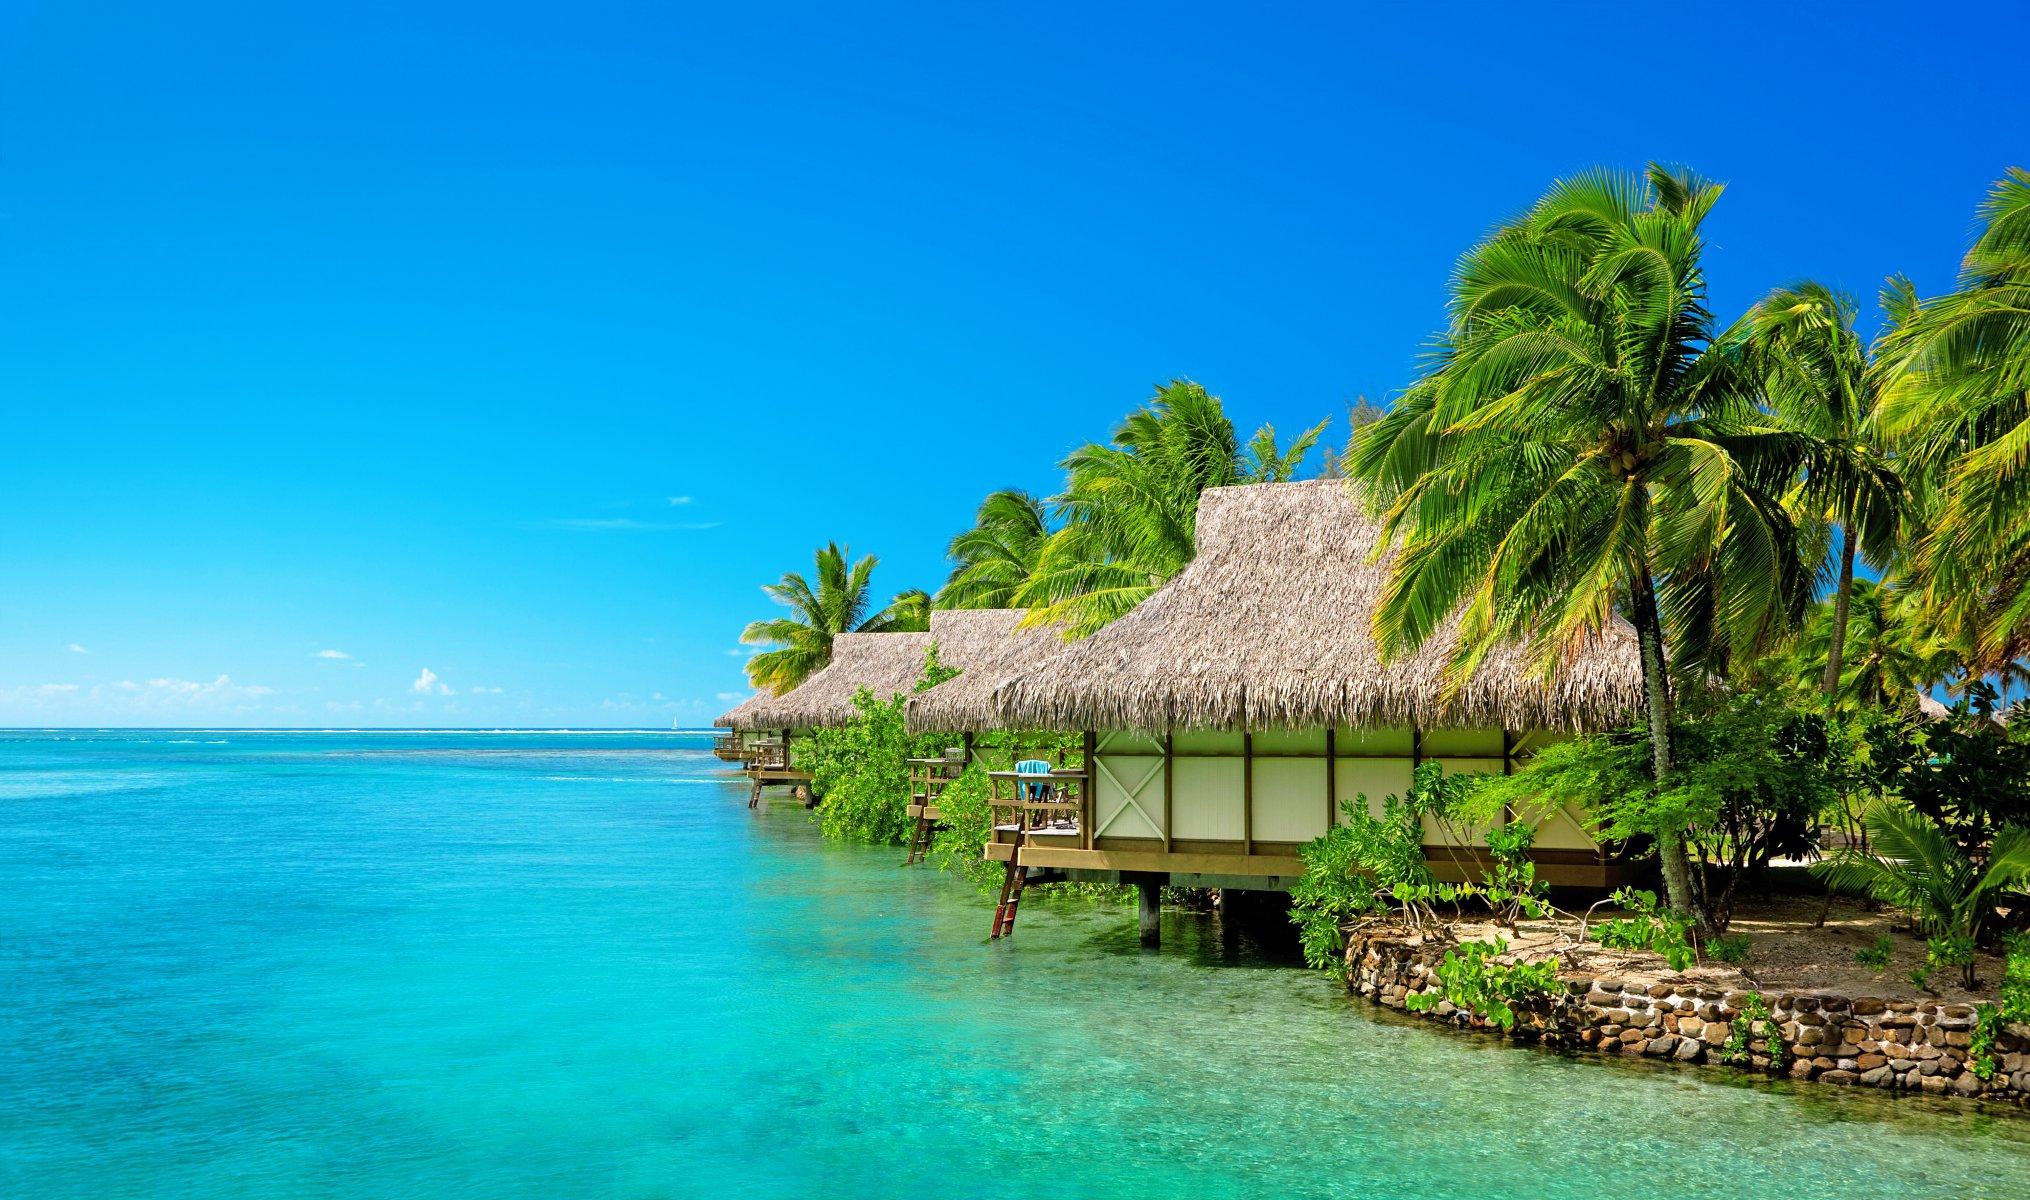 фото островов на экран телефона тату